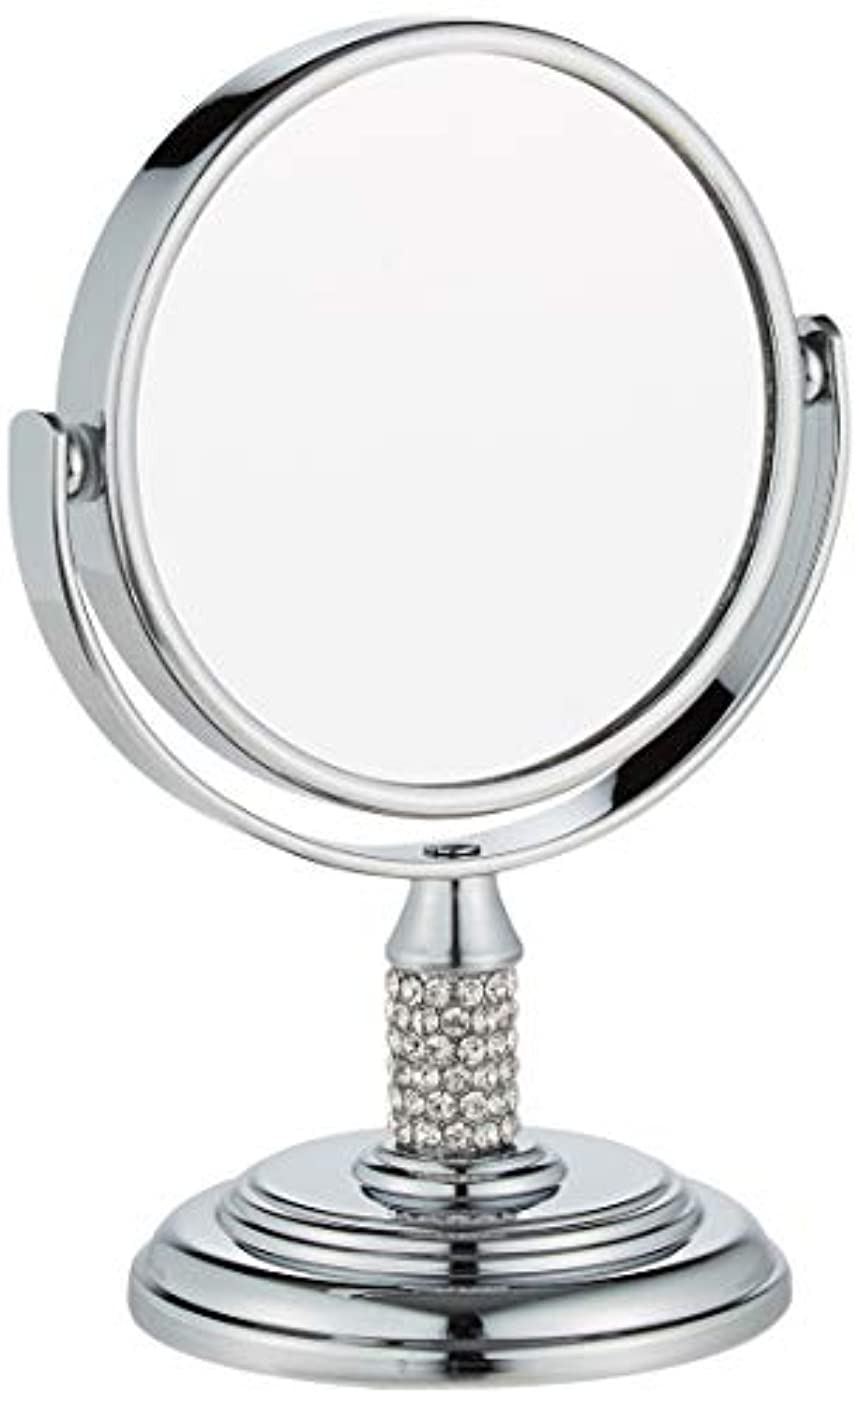 ピルチャーミング姉妹コイズミ 拡大鏡 サイズφ75mm KBE-3050/S